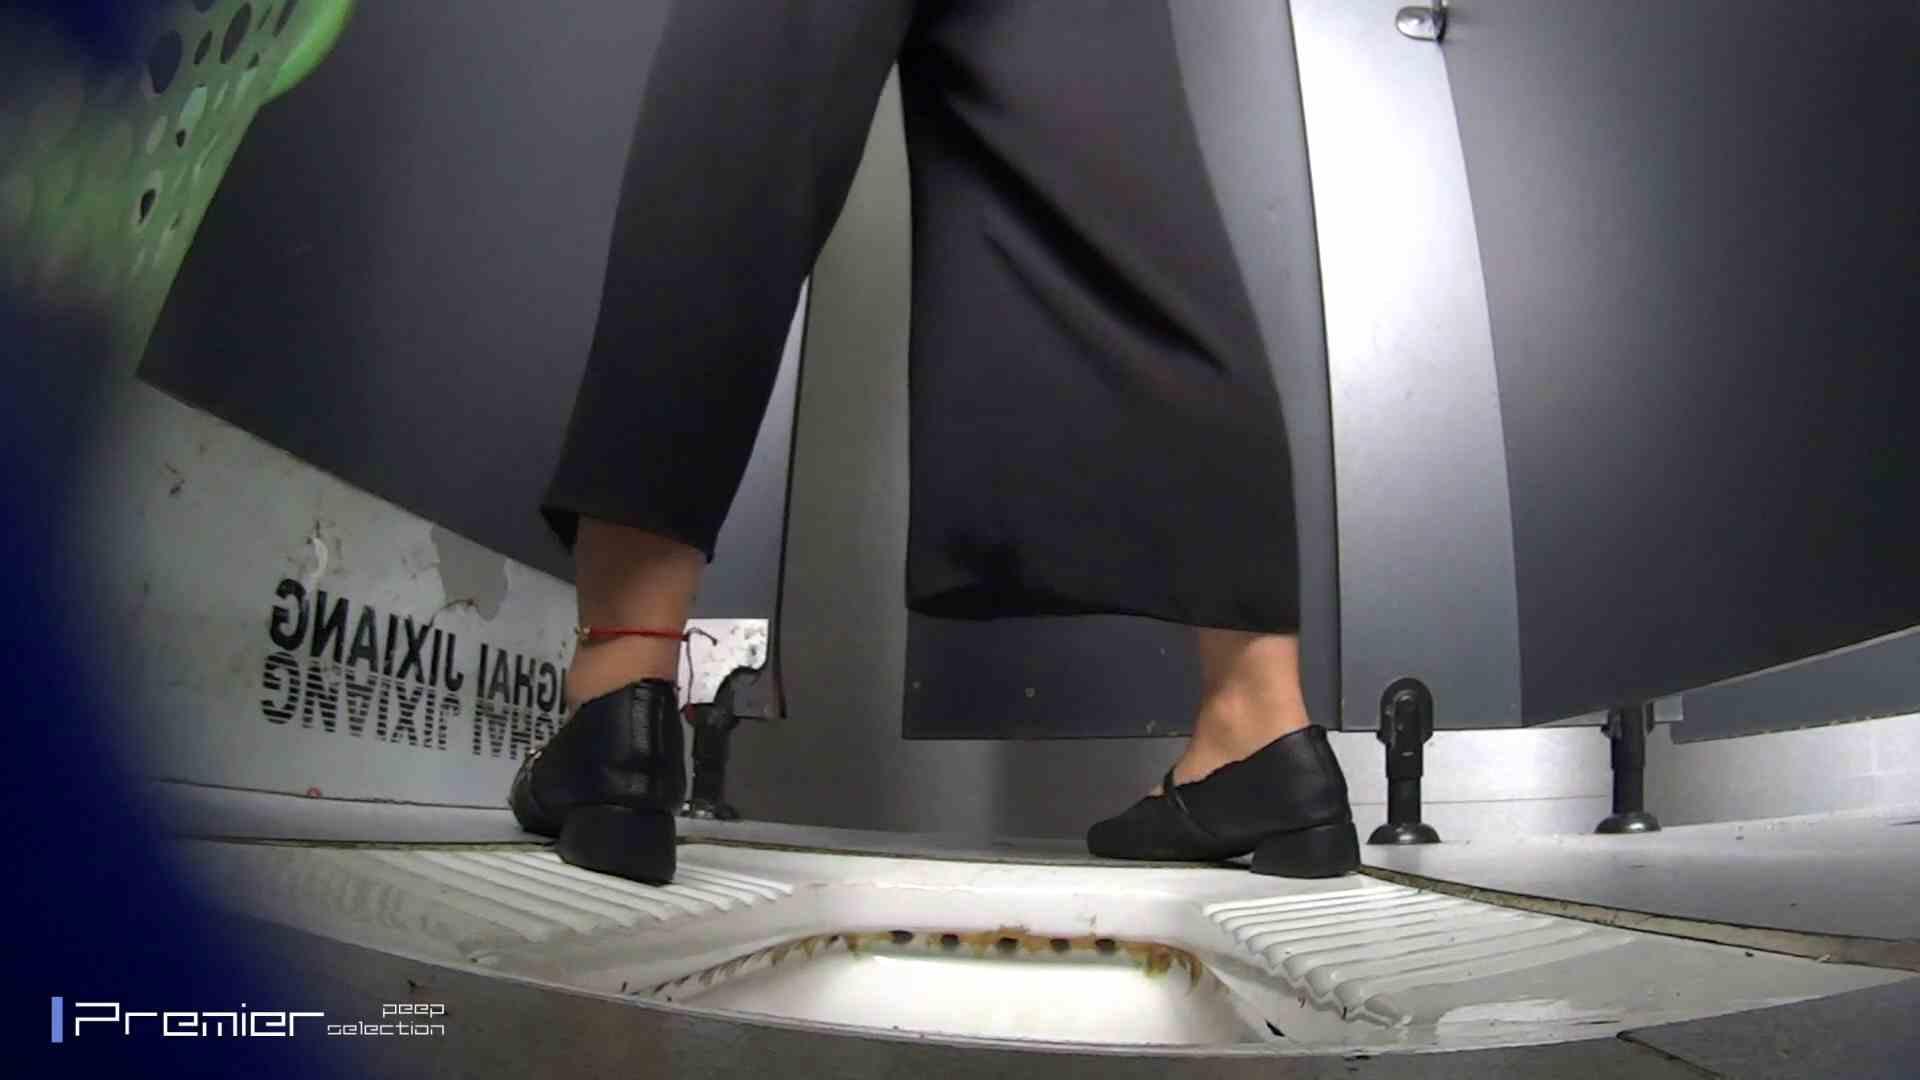 夏全開!ハーフパンツのギャル達 大学休憩時間の洗面所事情44 高画質 オメコ無修正動画無料 105画像 68